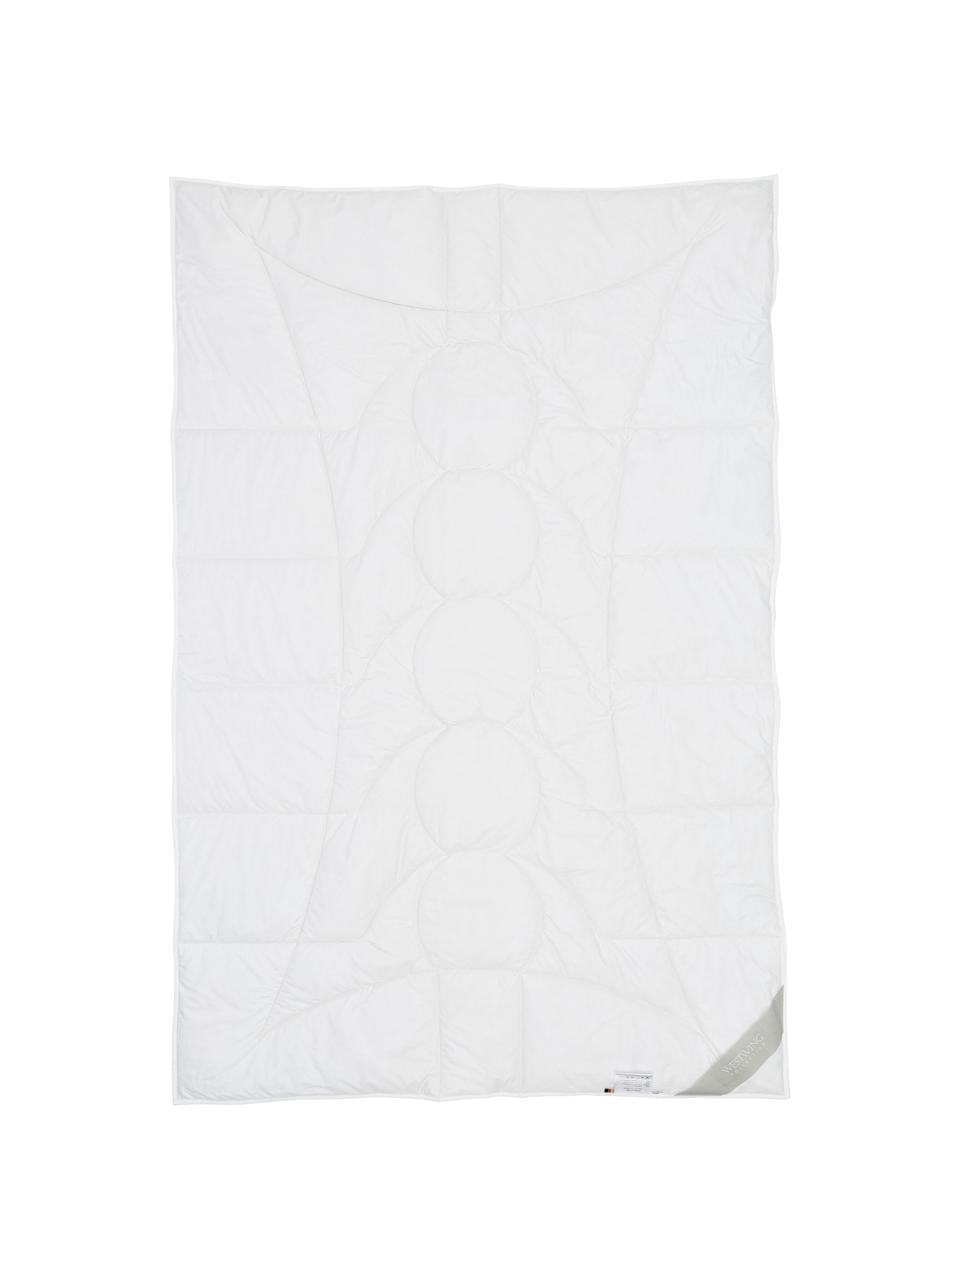 Vegane Bettdecke mit Kapokfaser und Baumwolle, leicht, Bezug: 100% Baumwolle, leicht, 240 x 220 cm